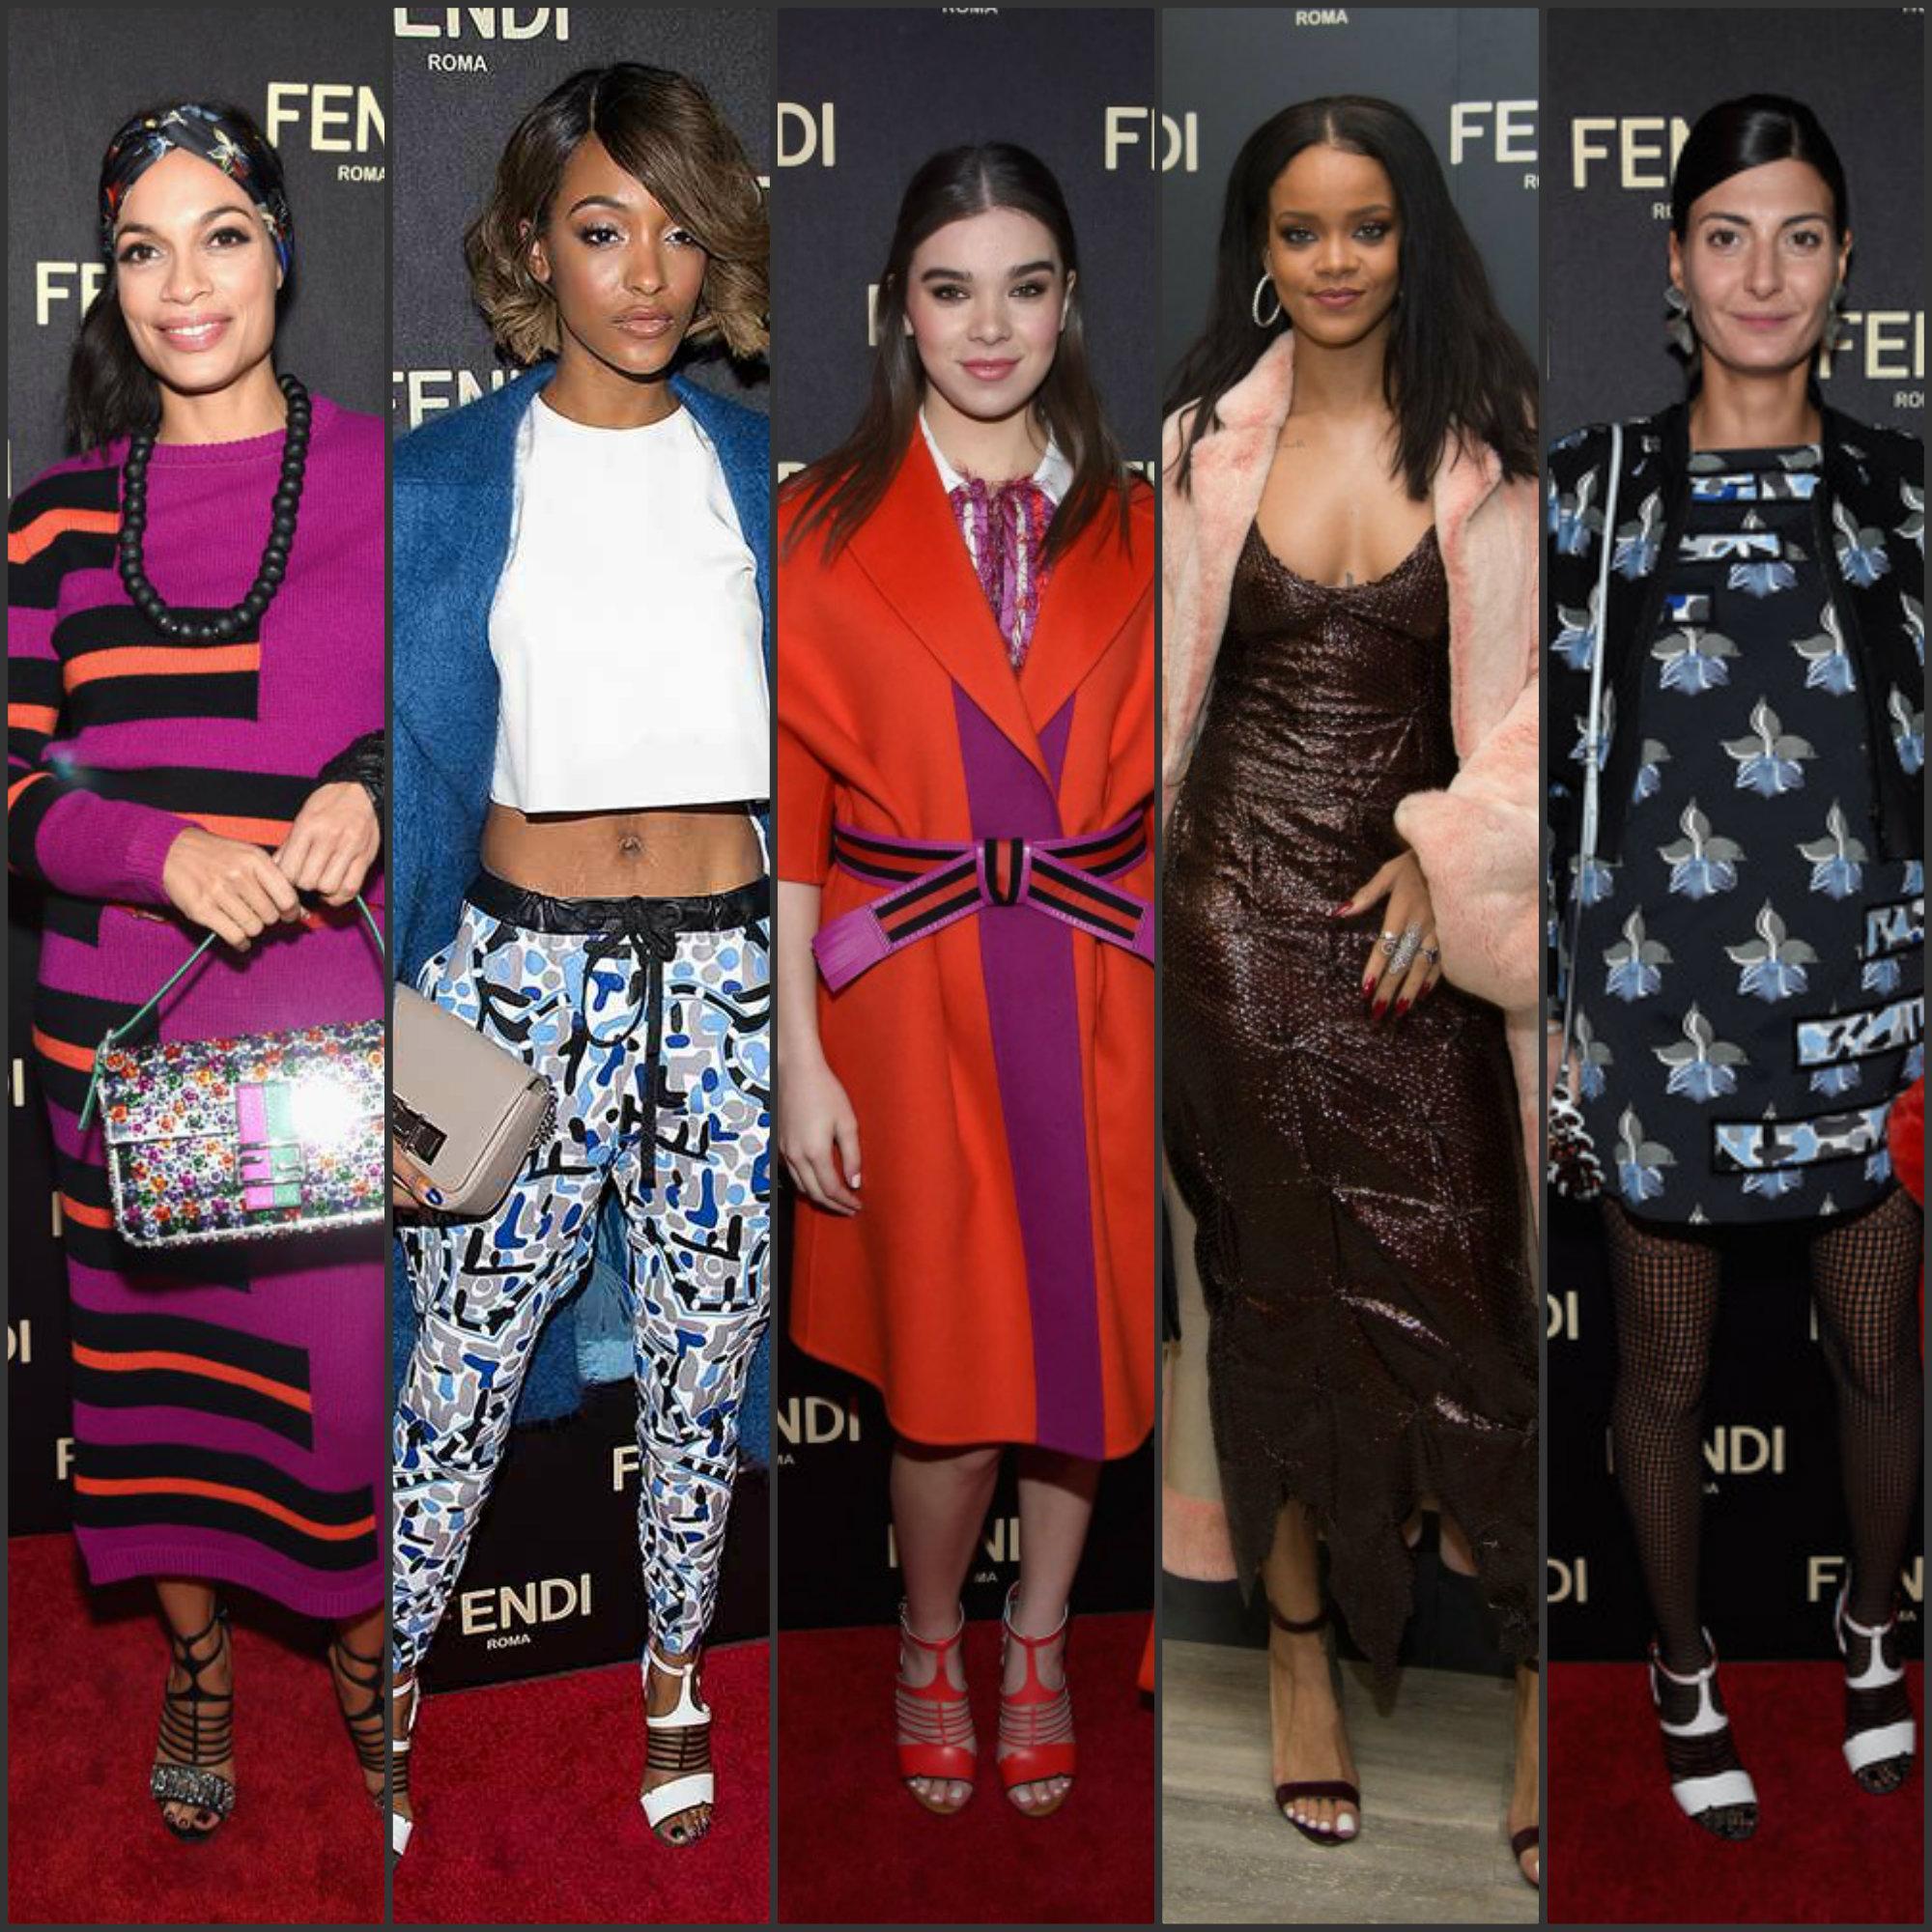 Fendi-Celebrates-The-Opening-of-New-York-Flagship-Store